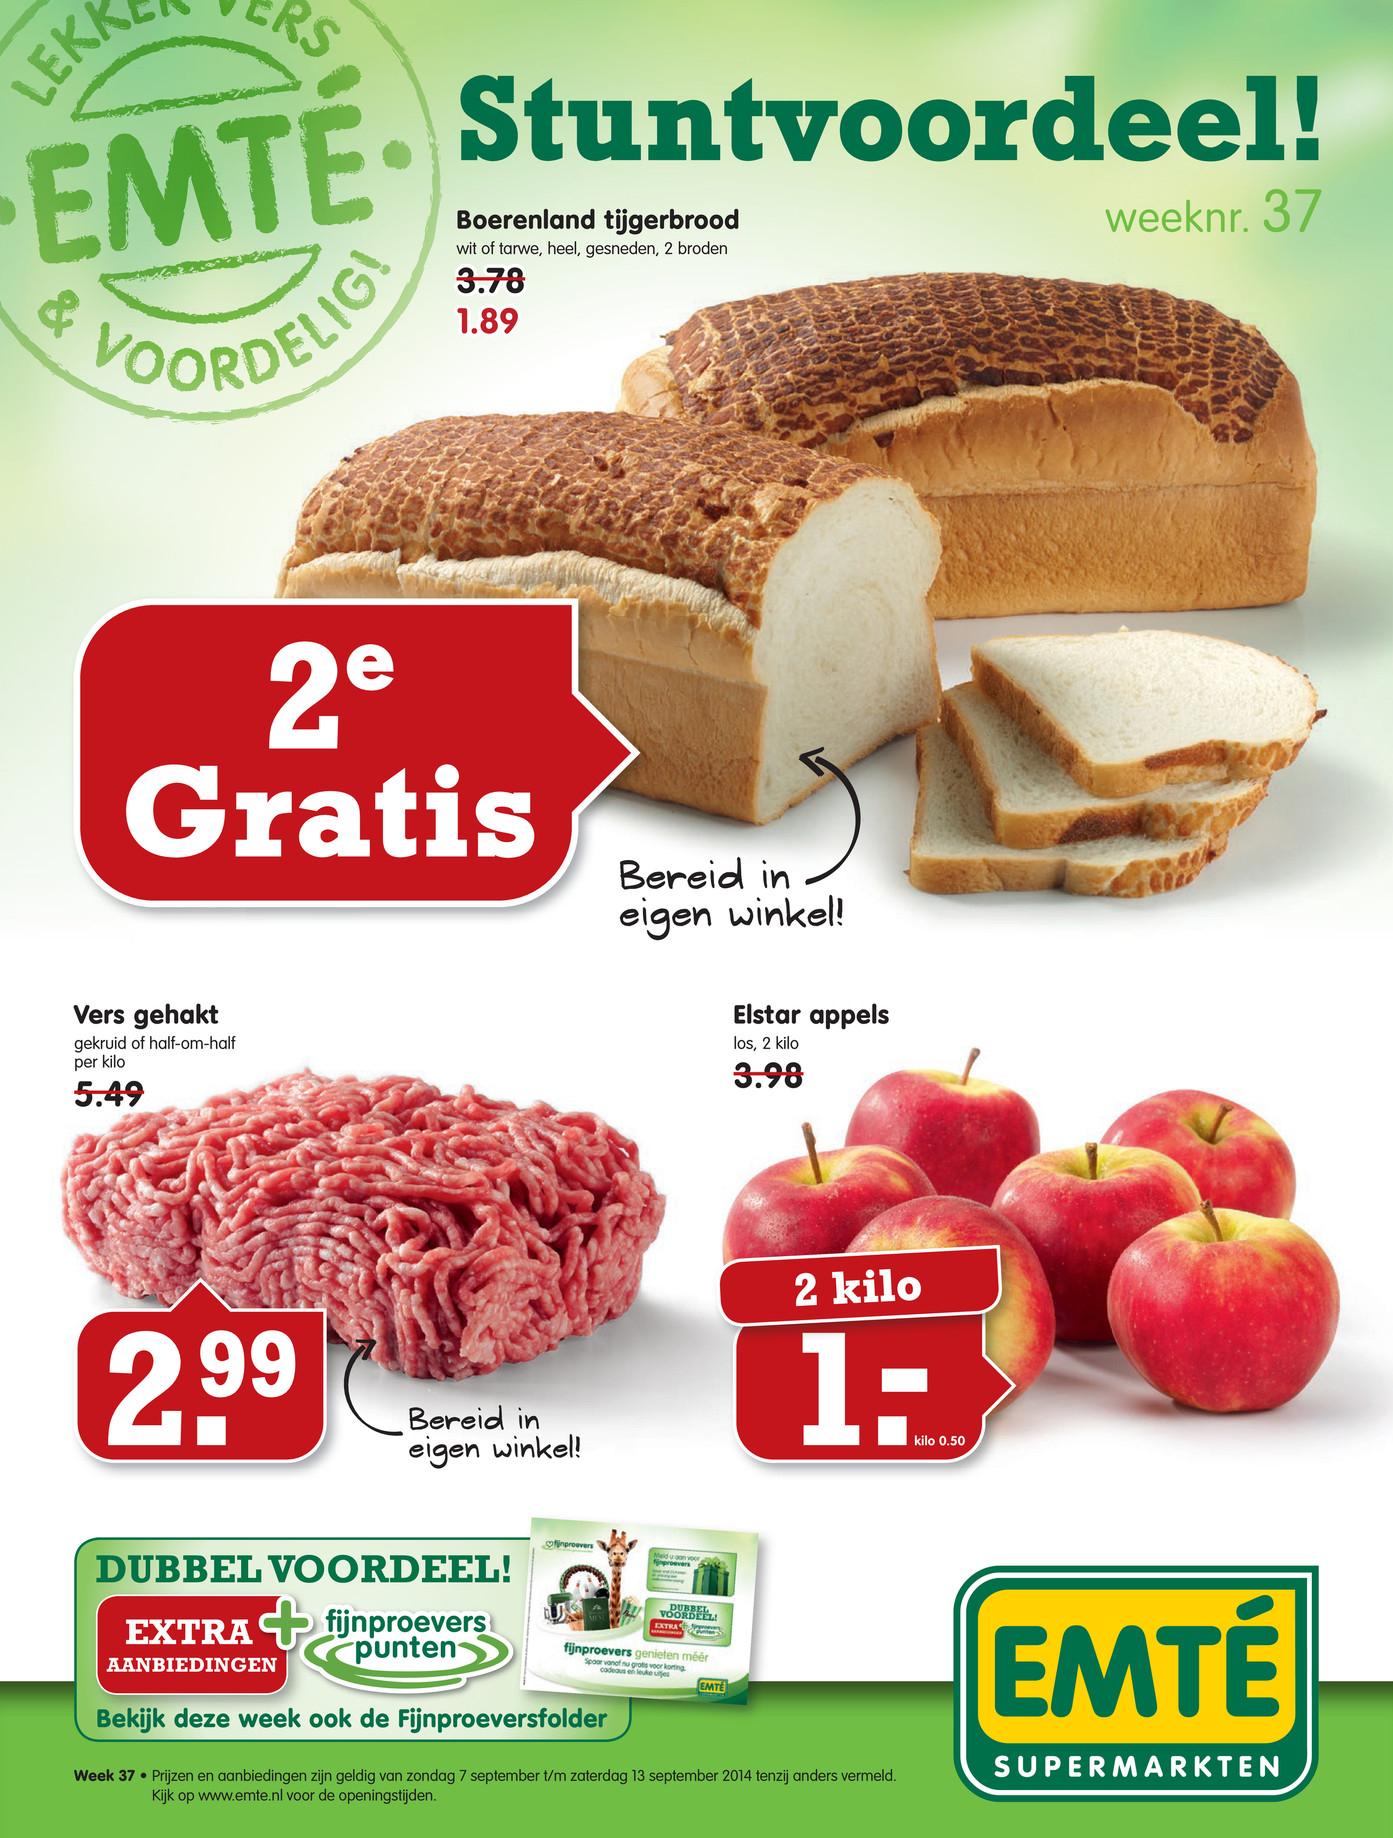 Tweede brood gratis @ Emté / AH